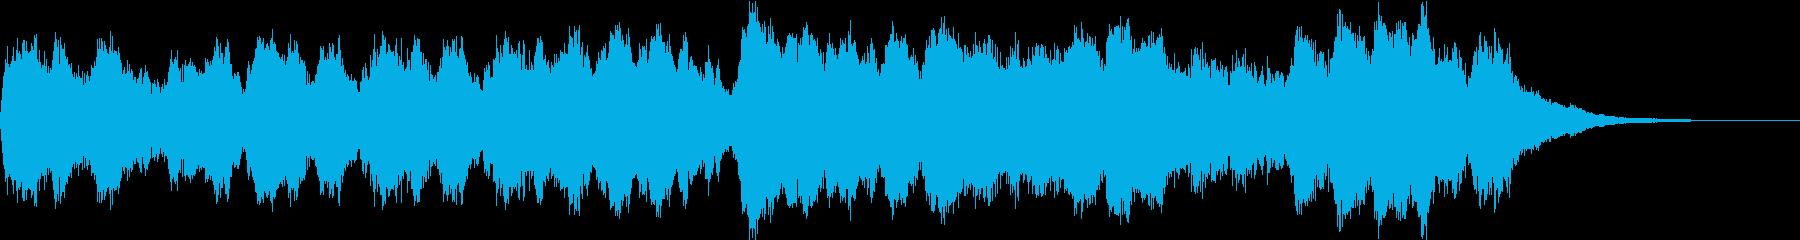 チャイコフスキー 段々盛り上がるの再生済みの波形